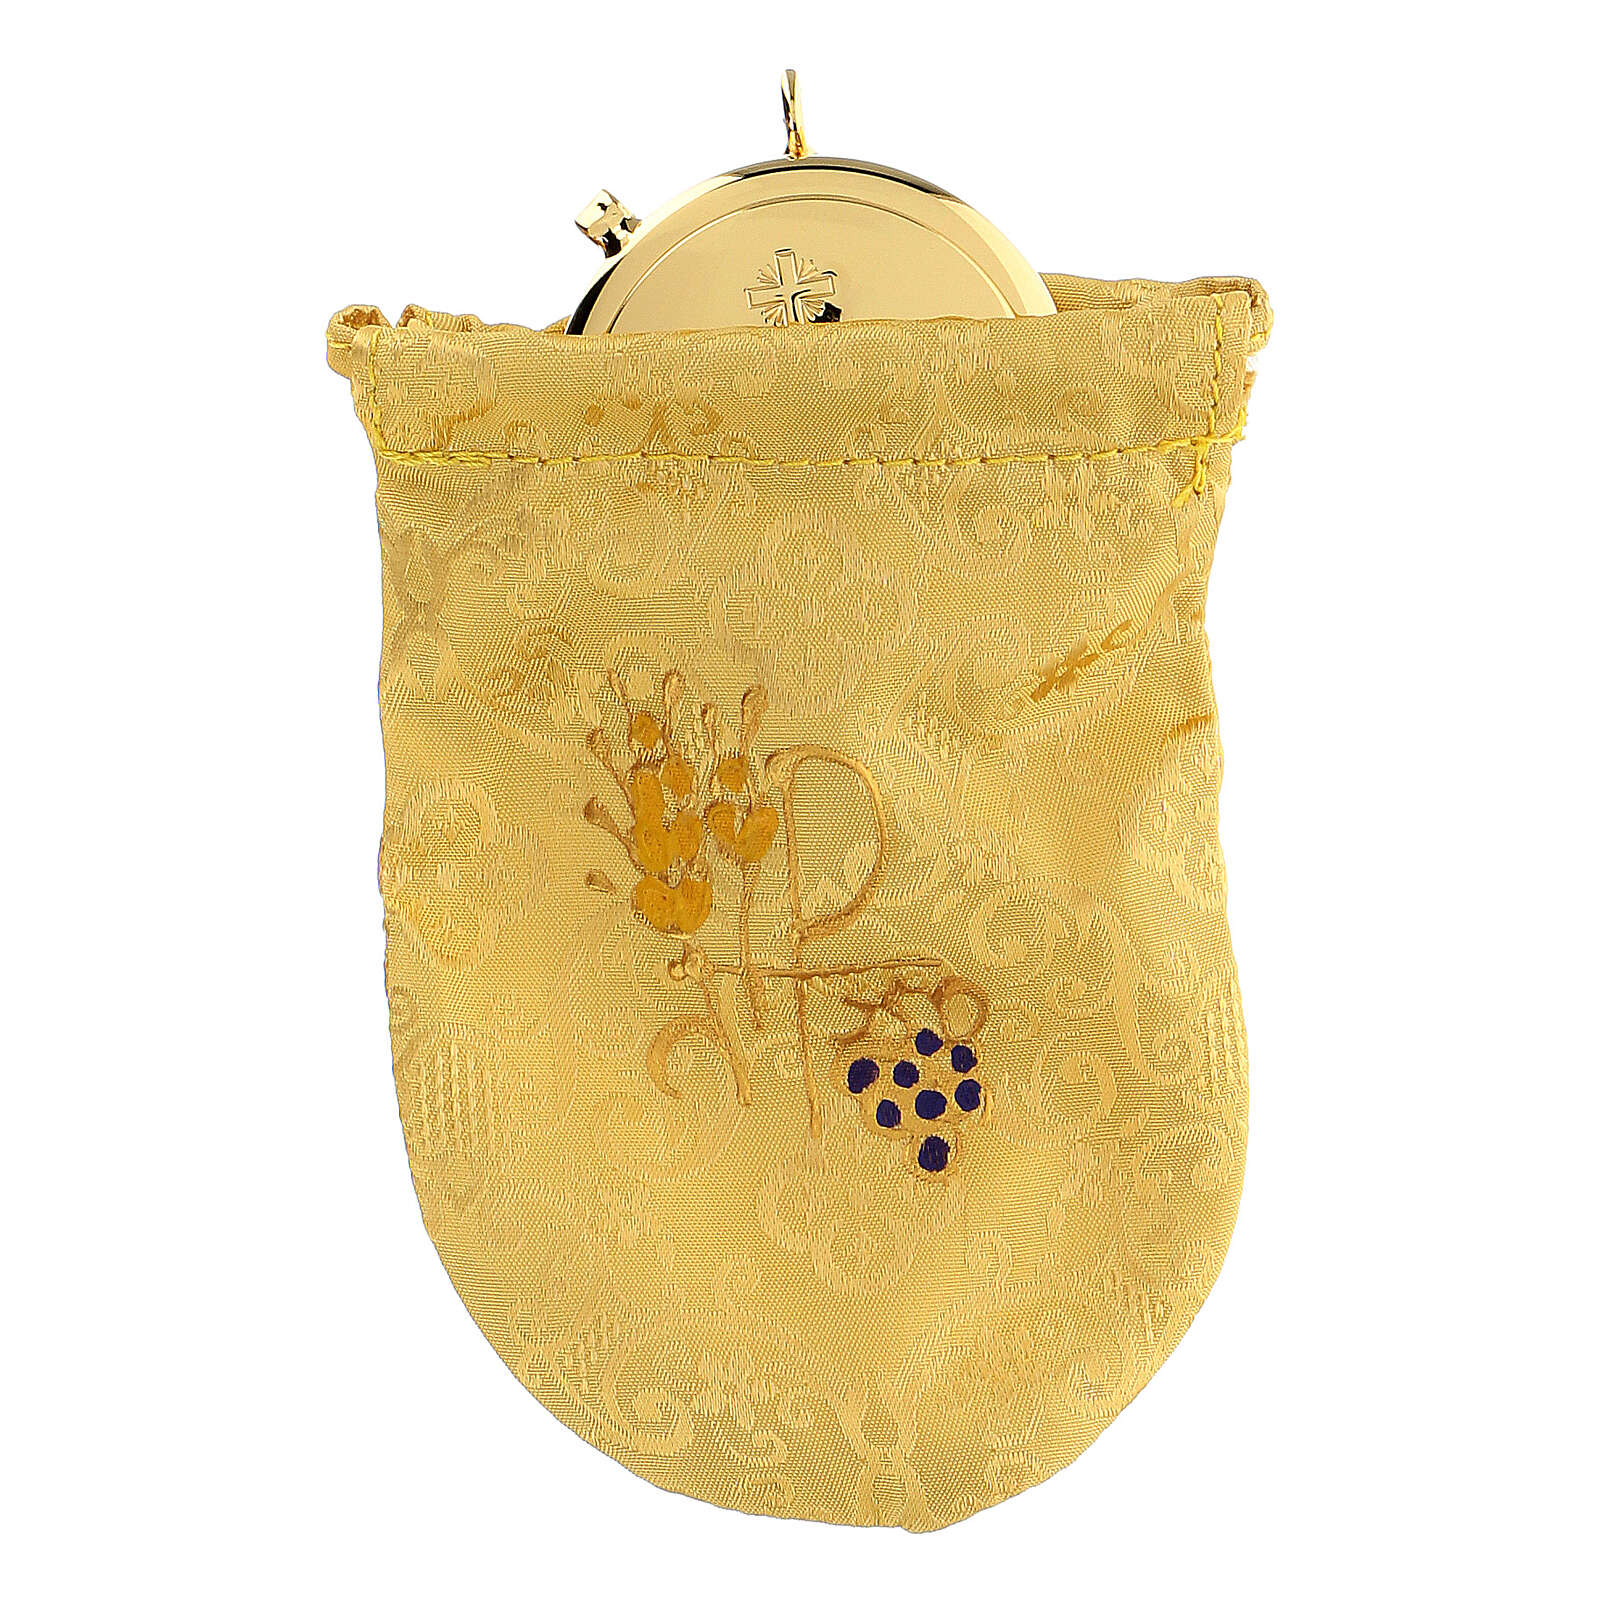 Viaticum burse in yellow Jacquard fabric 3 in pyx 3